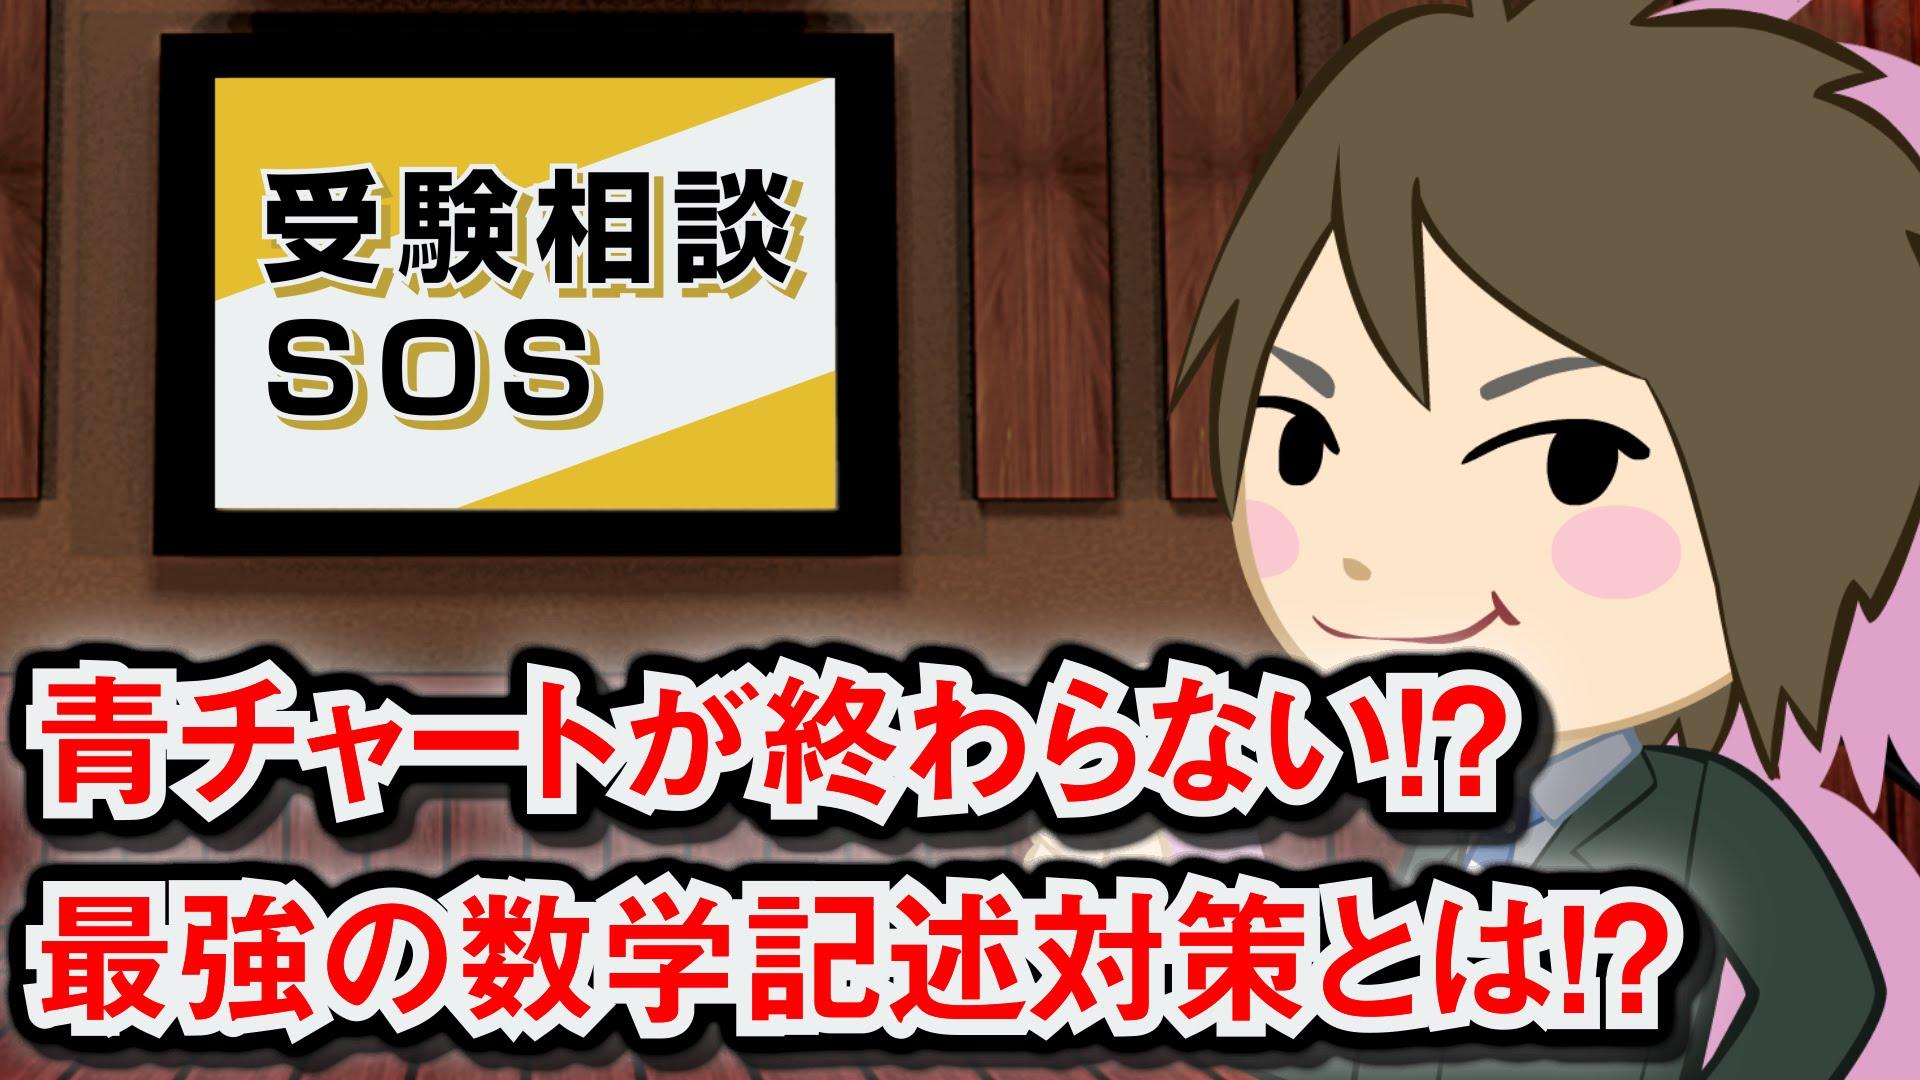 【vol.71】青チャートが終わらない!?&最強の数学記述対策とは!? 受験相談SOS